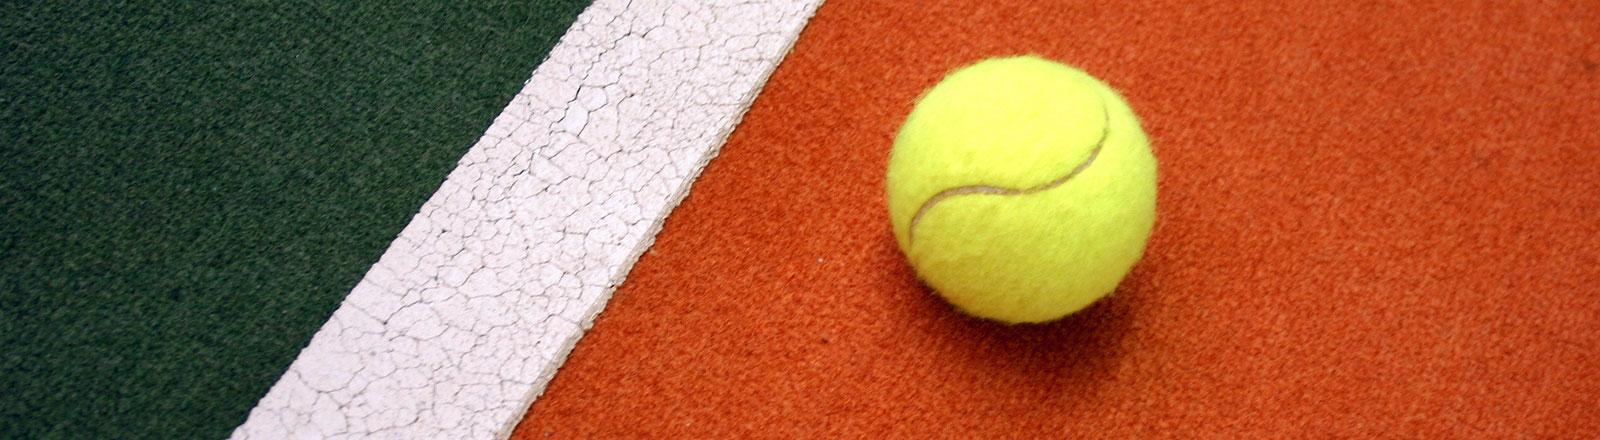 Ein Tennisball auf einem künstlichen Tennisplatzbelag.